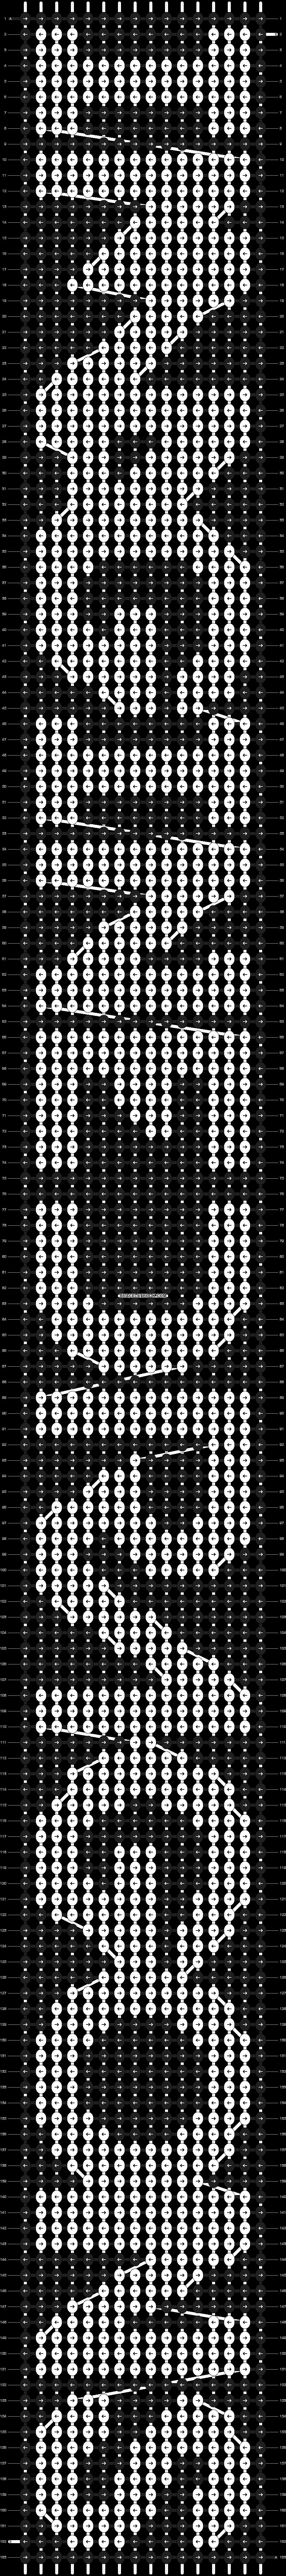 Alpha Pattern #21656 added by bela153